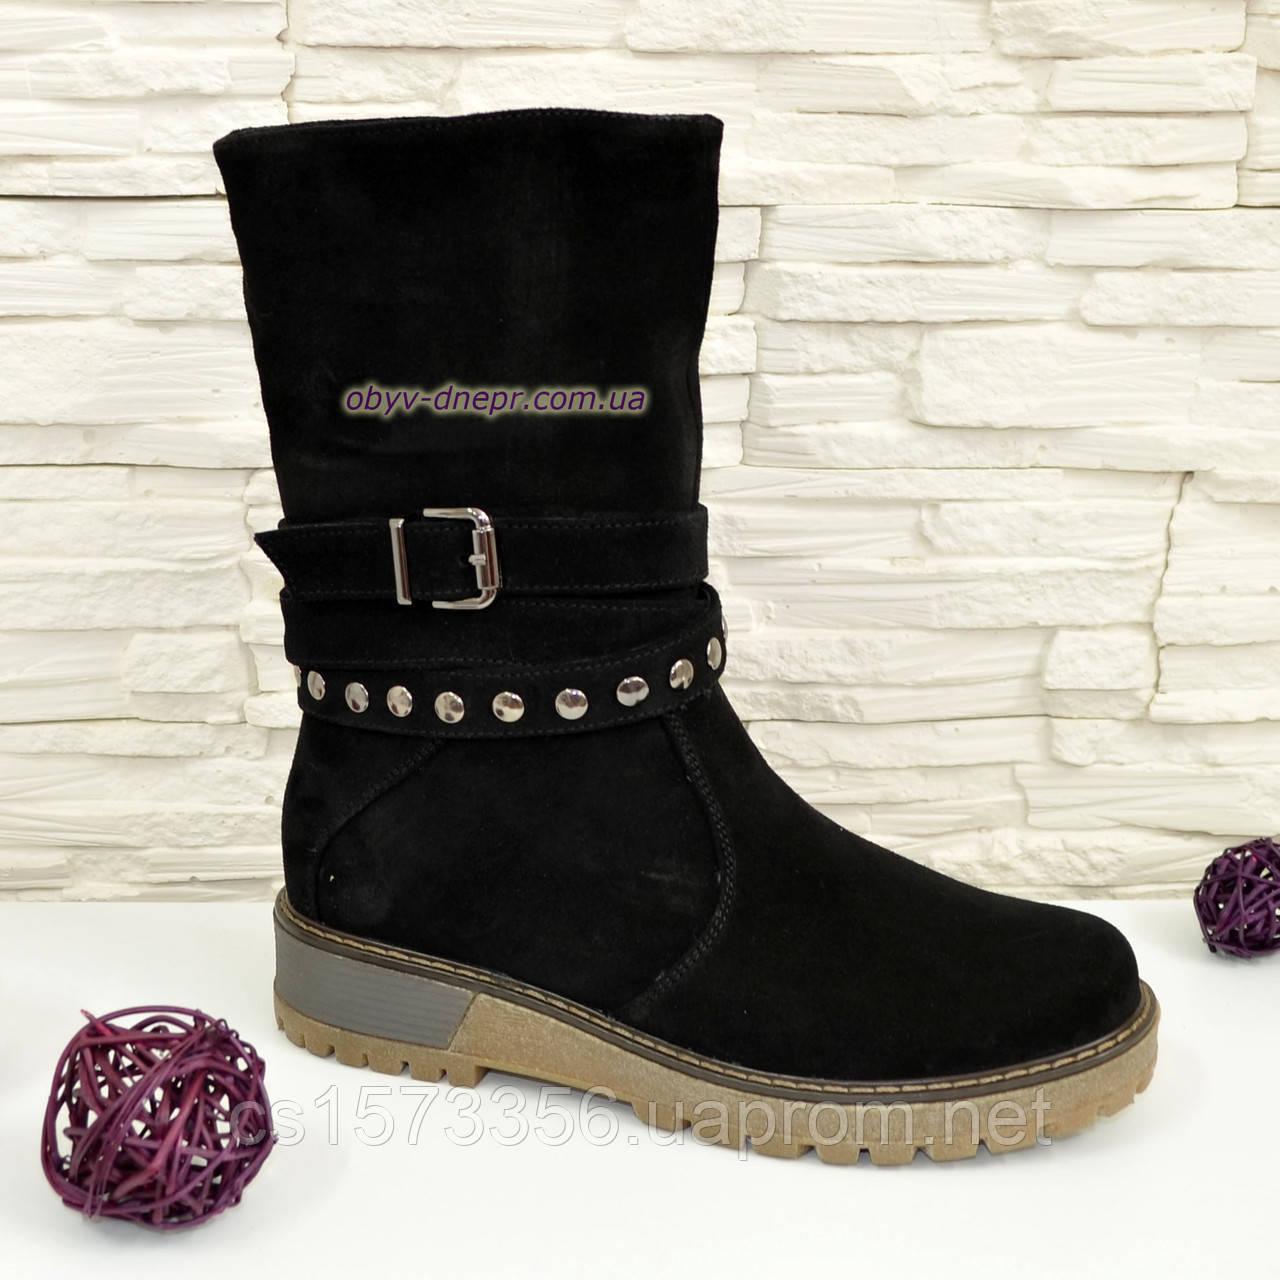 Ботинки замшевые черные женские демисезонные на утолщенной подошве.